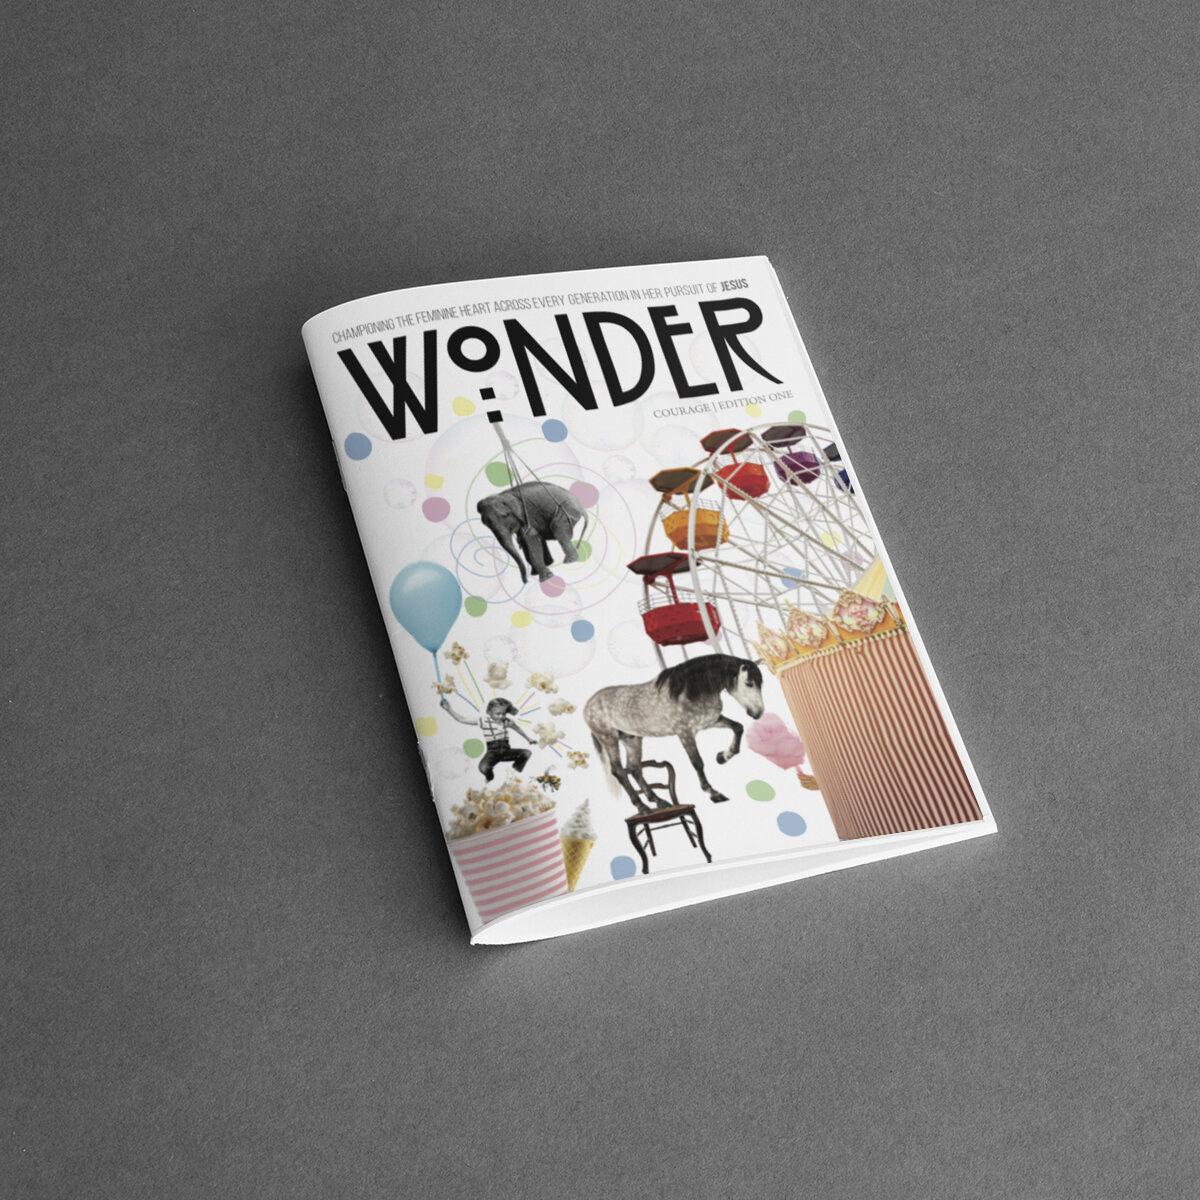 Wonder Magazine     Edition One: Courage